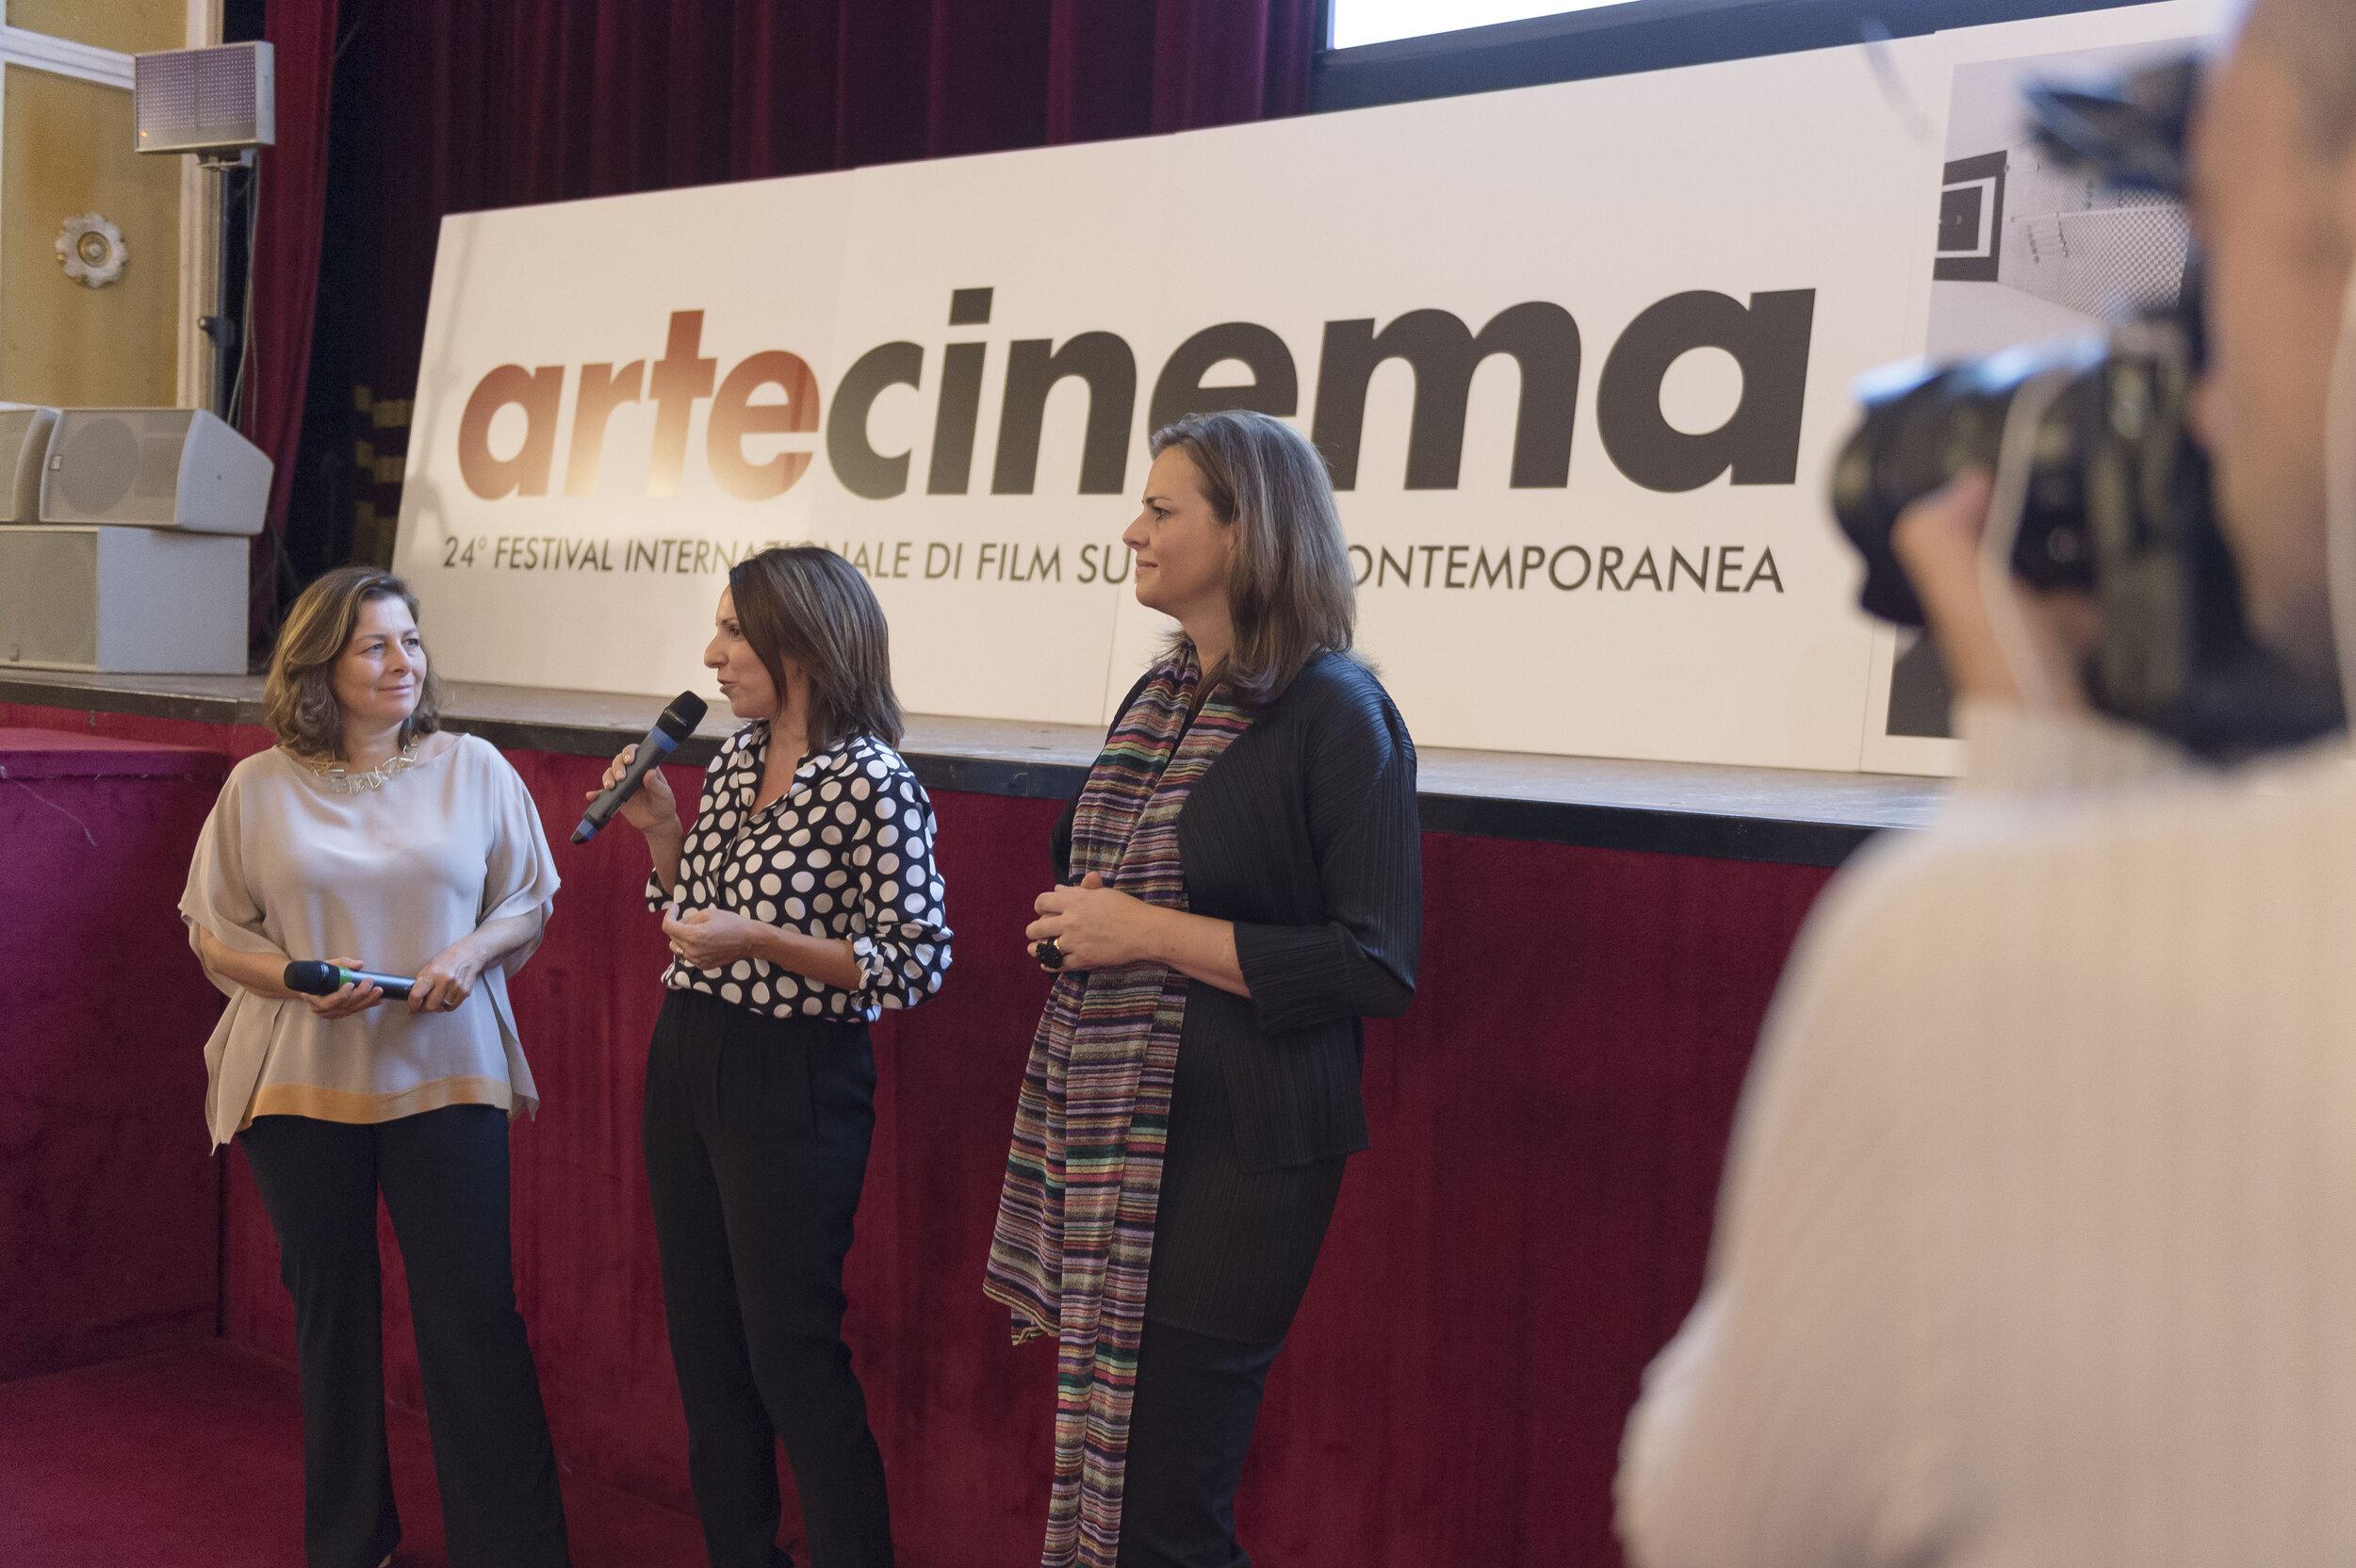 Artecinema 2019_ph Francesco Squeglia_0295_1.jpg